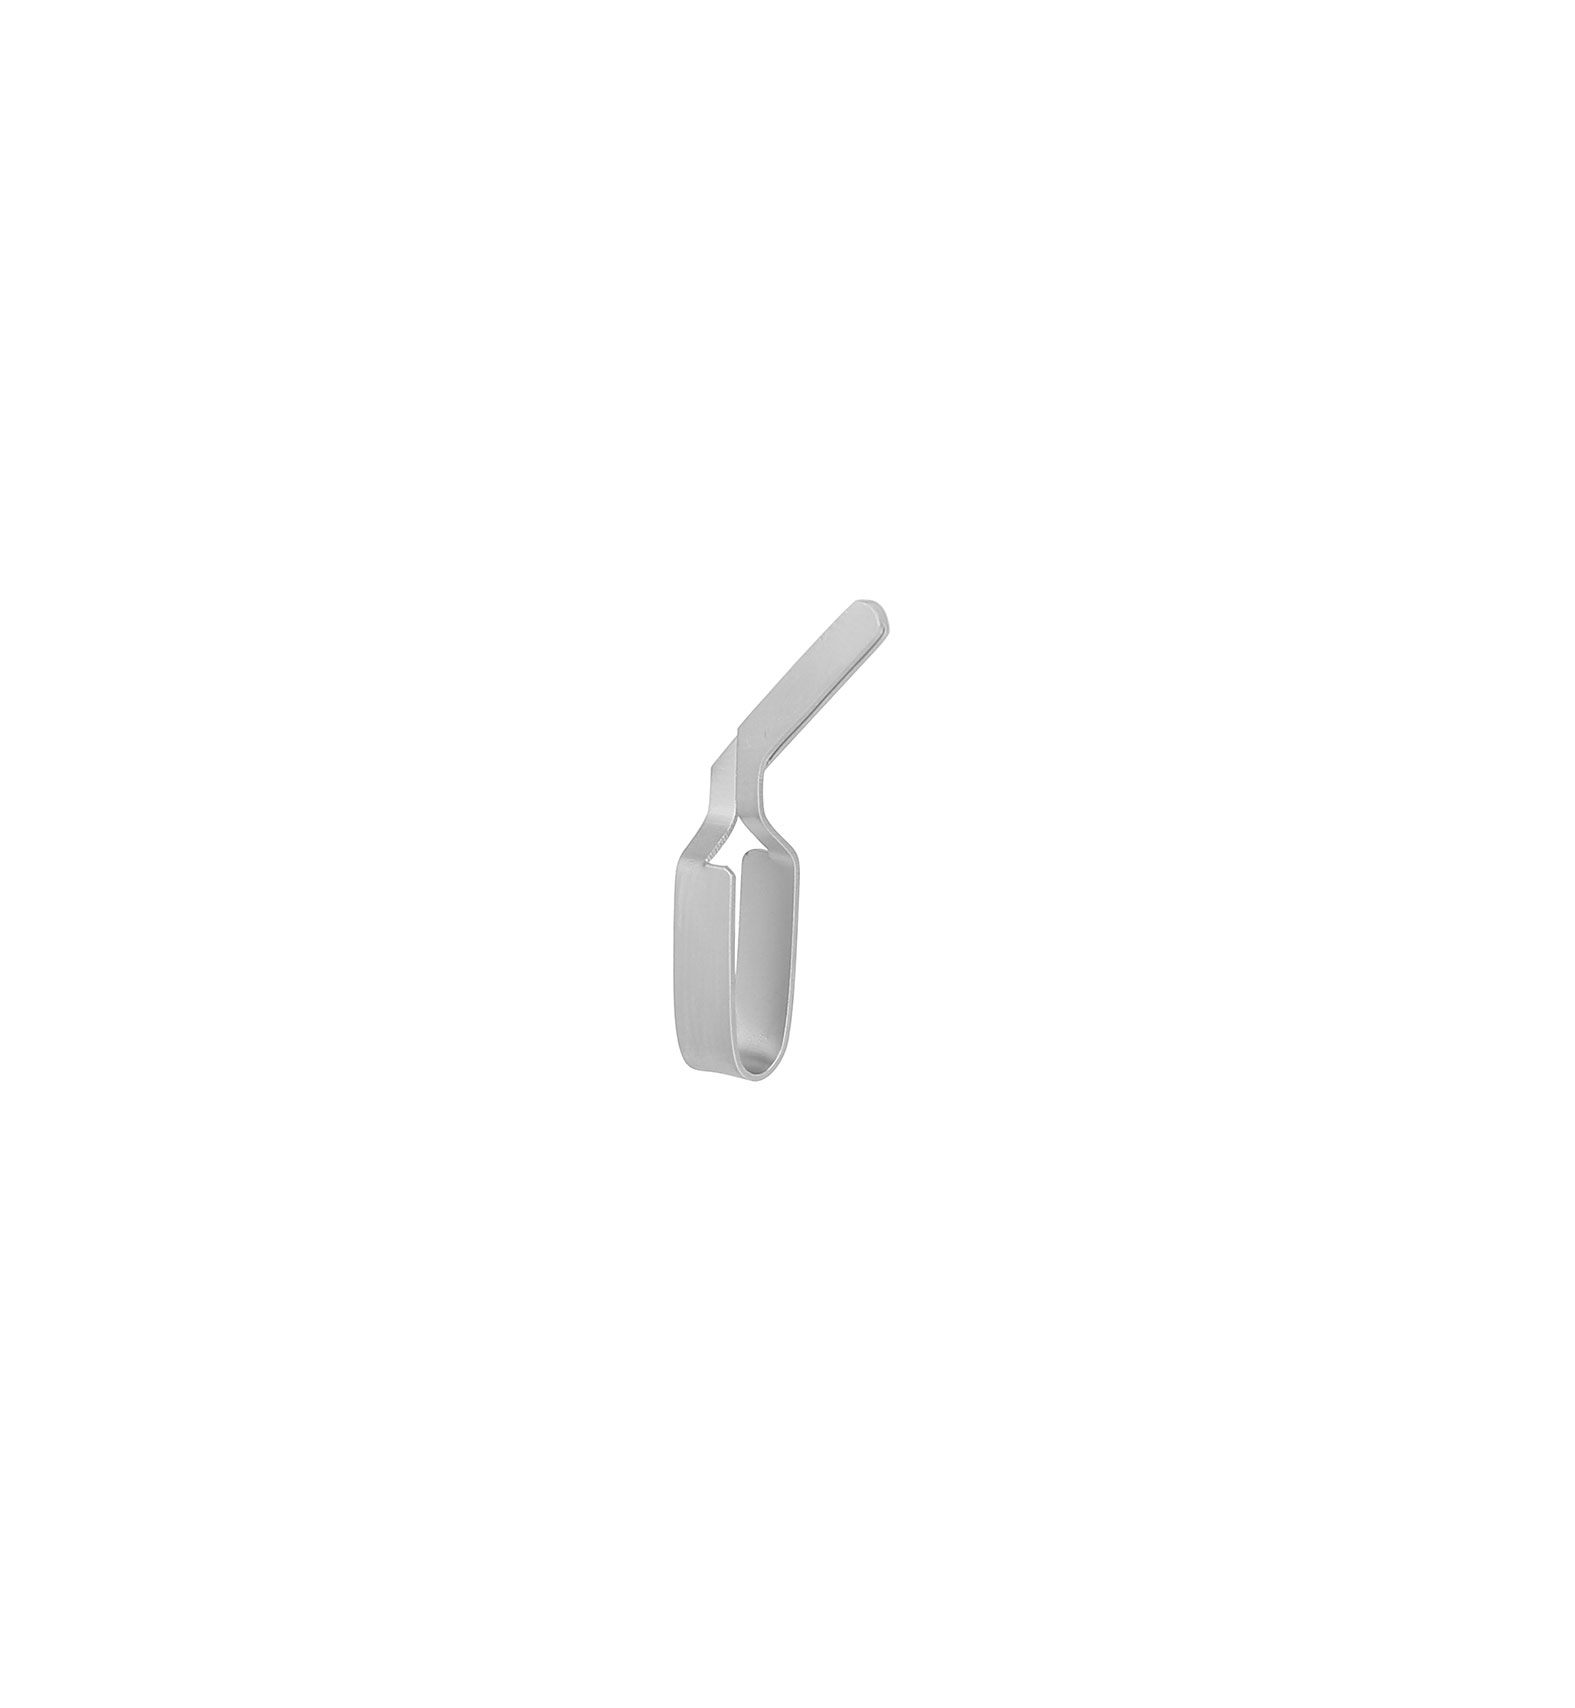 Schwartz 微型血管夹-30°弯/14*2.5mm/28mm